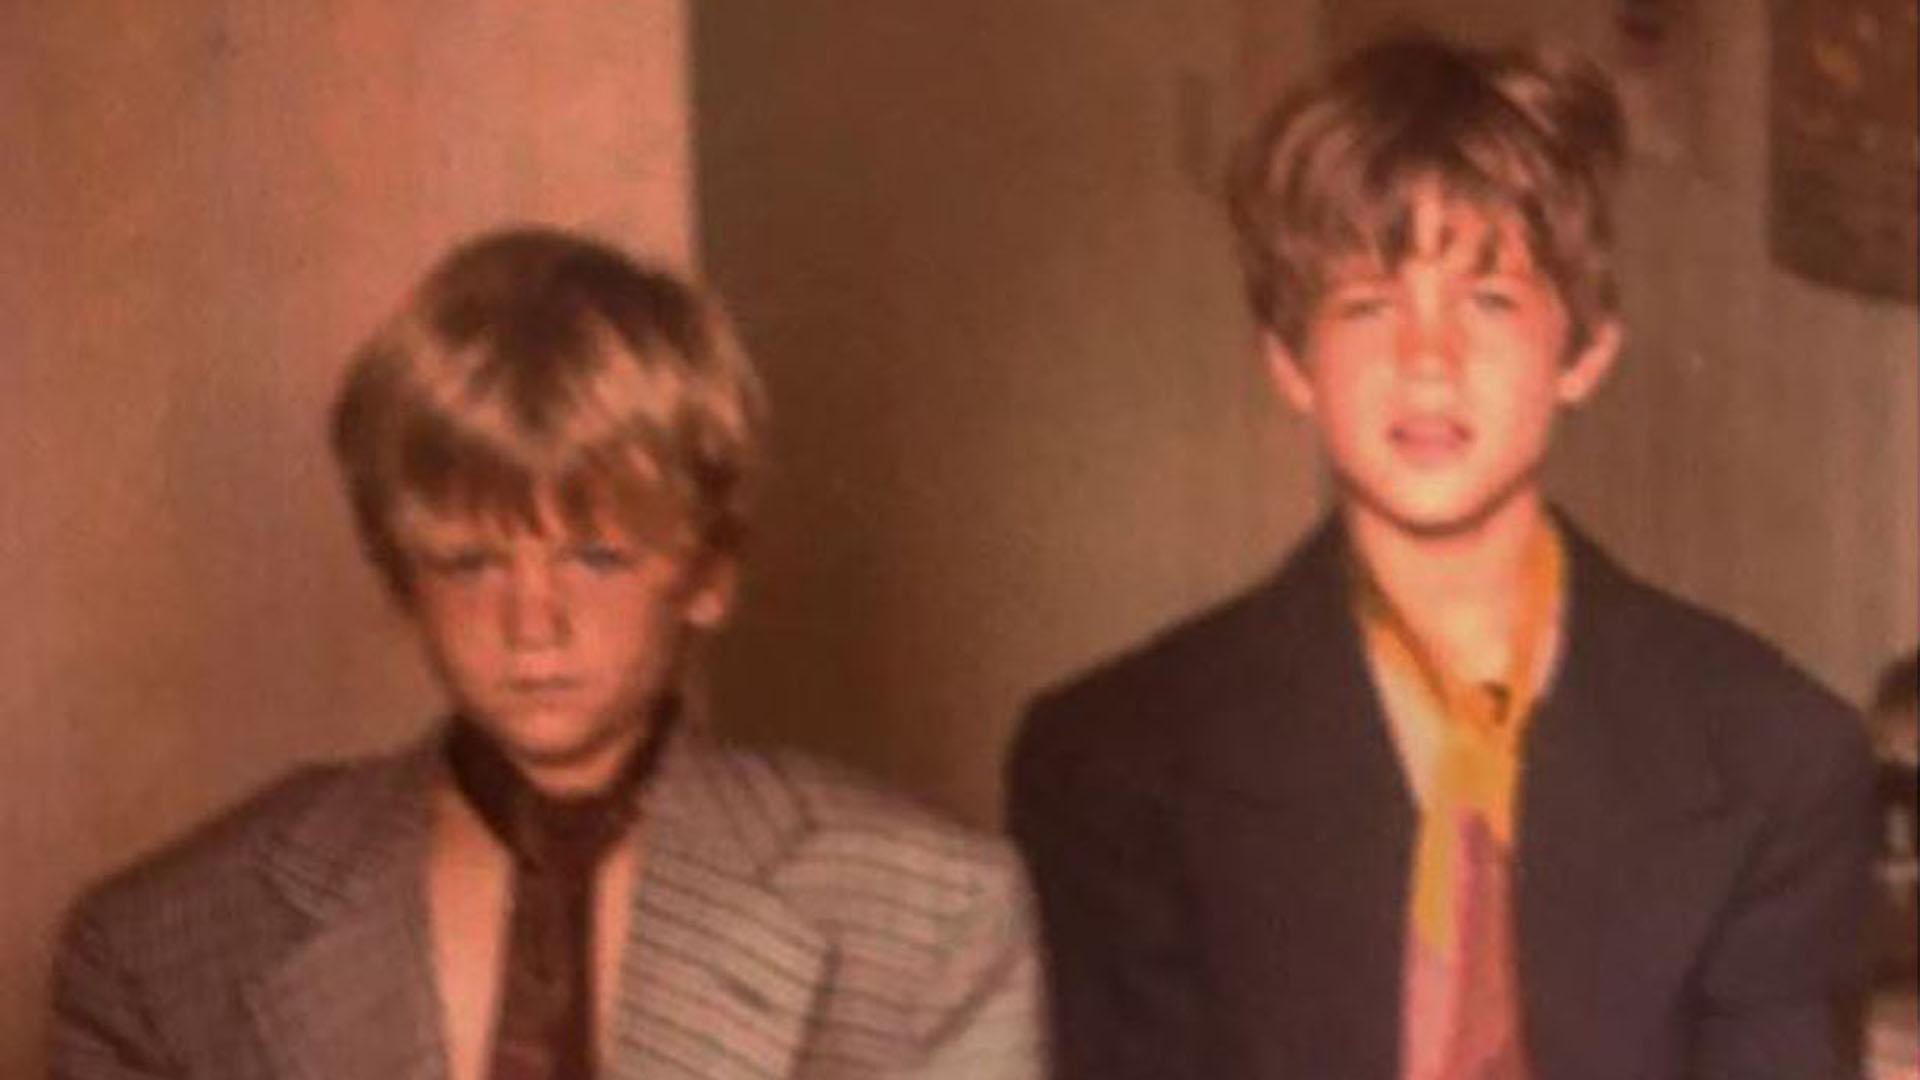 ¿Quiénes son estos jóvenes hermanos, hoy reconocidos actores?